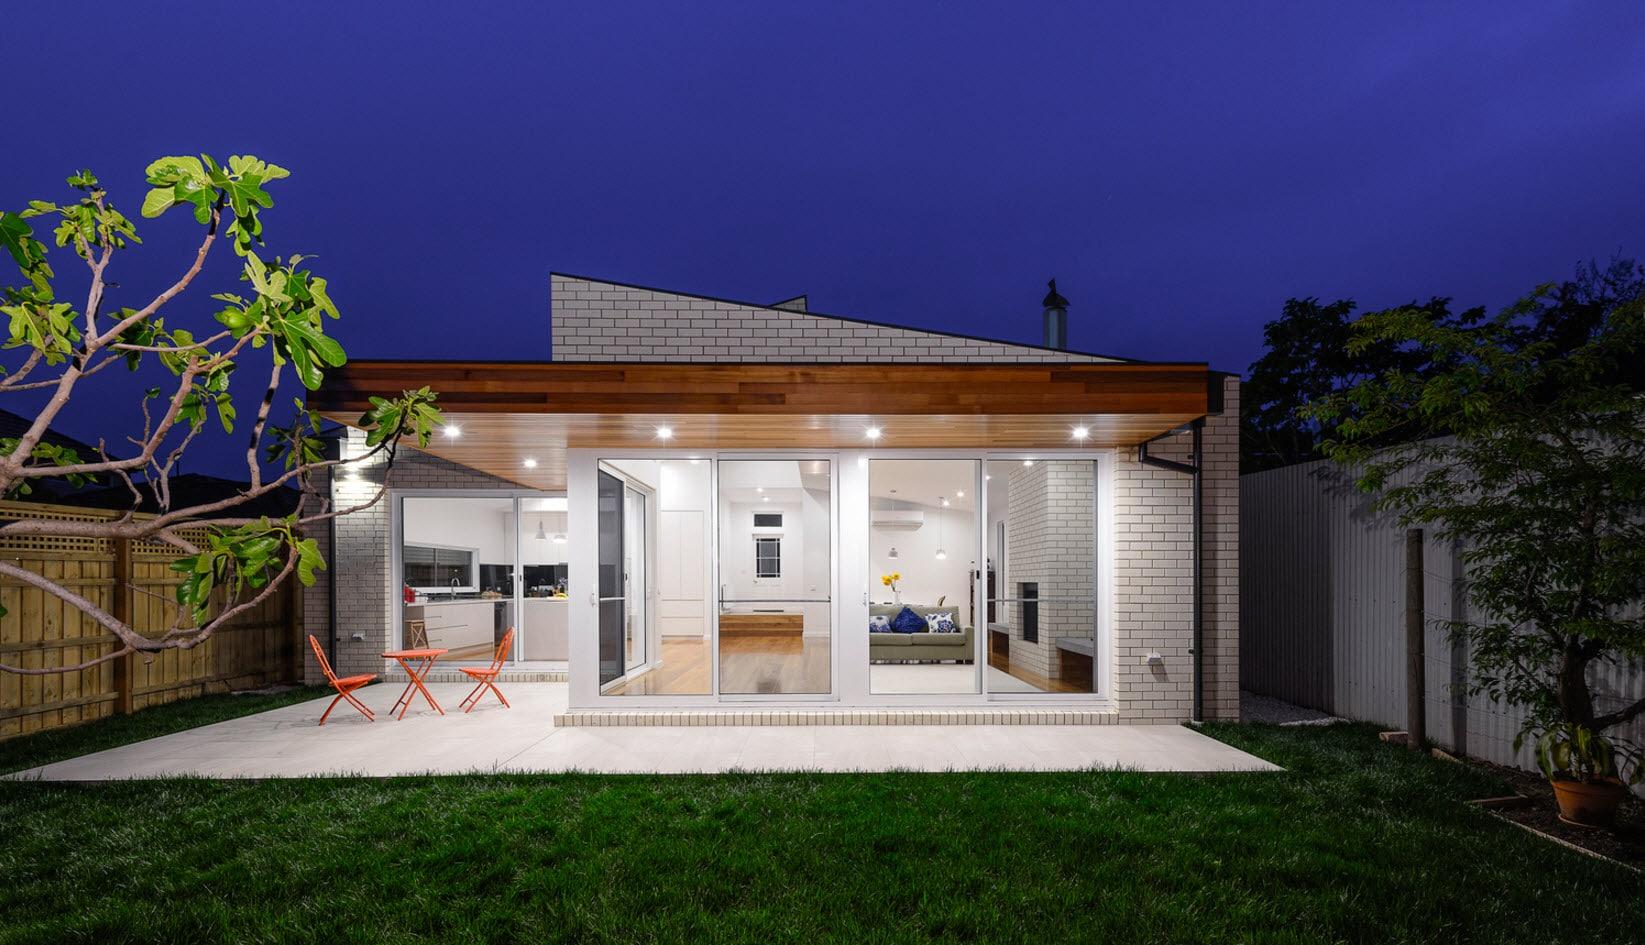 Dise o de casa moderna de un piso planos y fachadas for Fachadas de casas de un solo piso